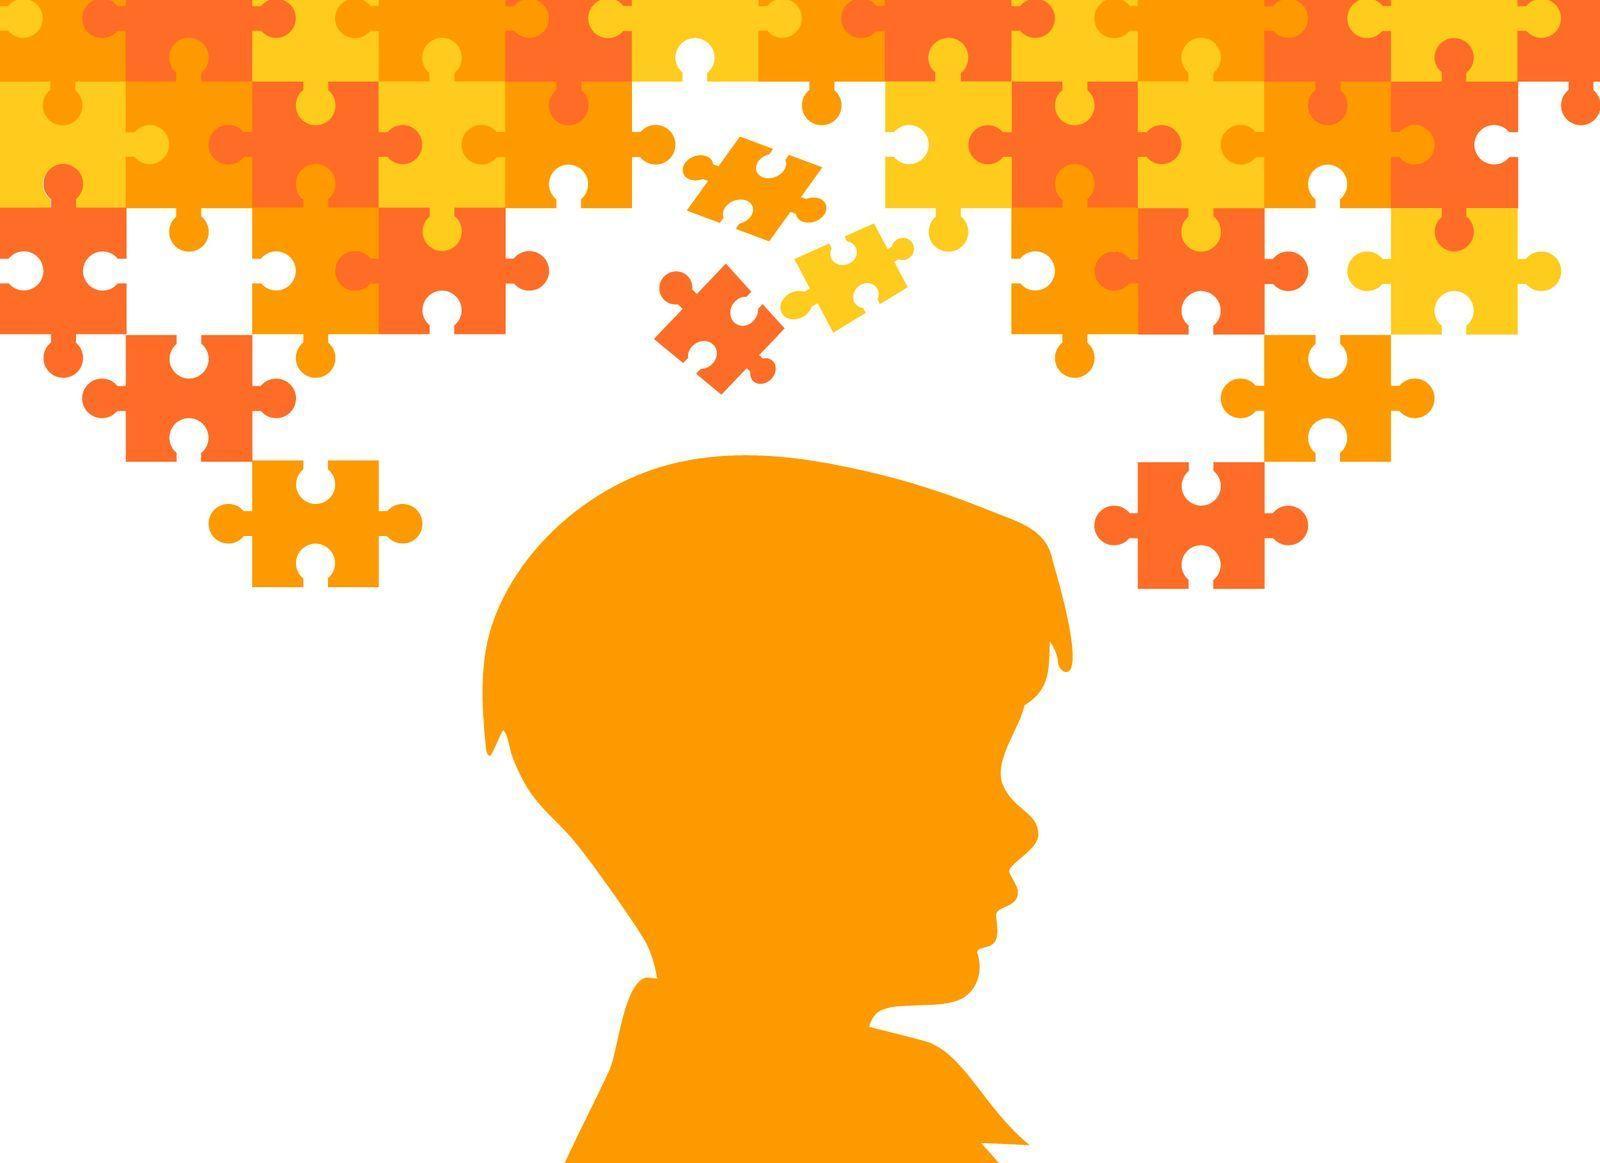 Аутизм картинки к презентации